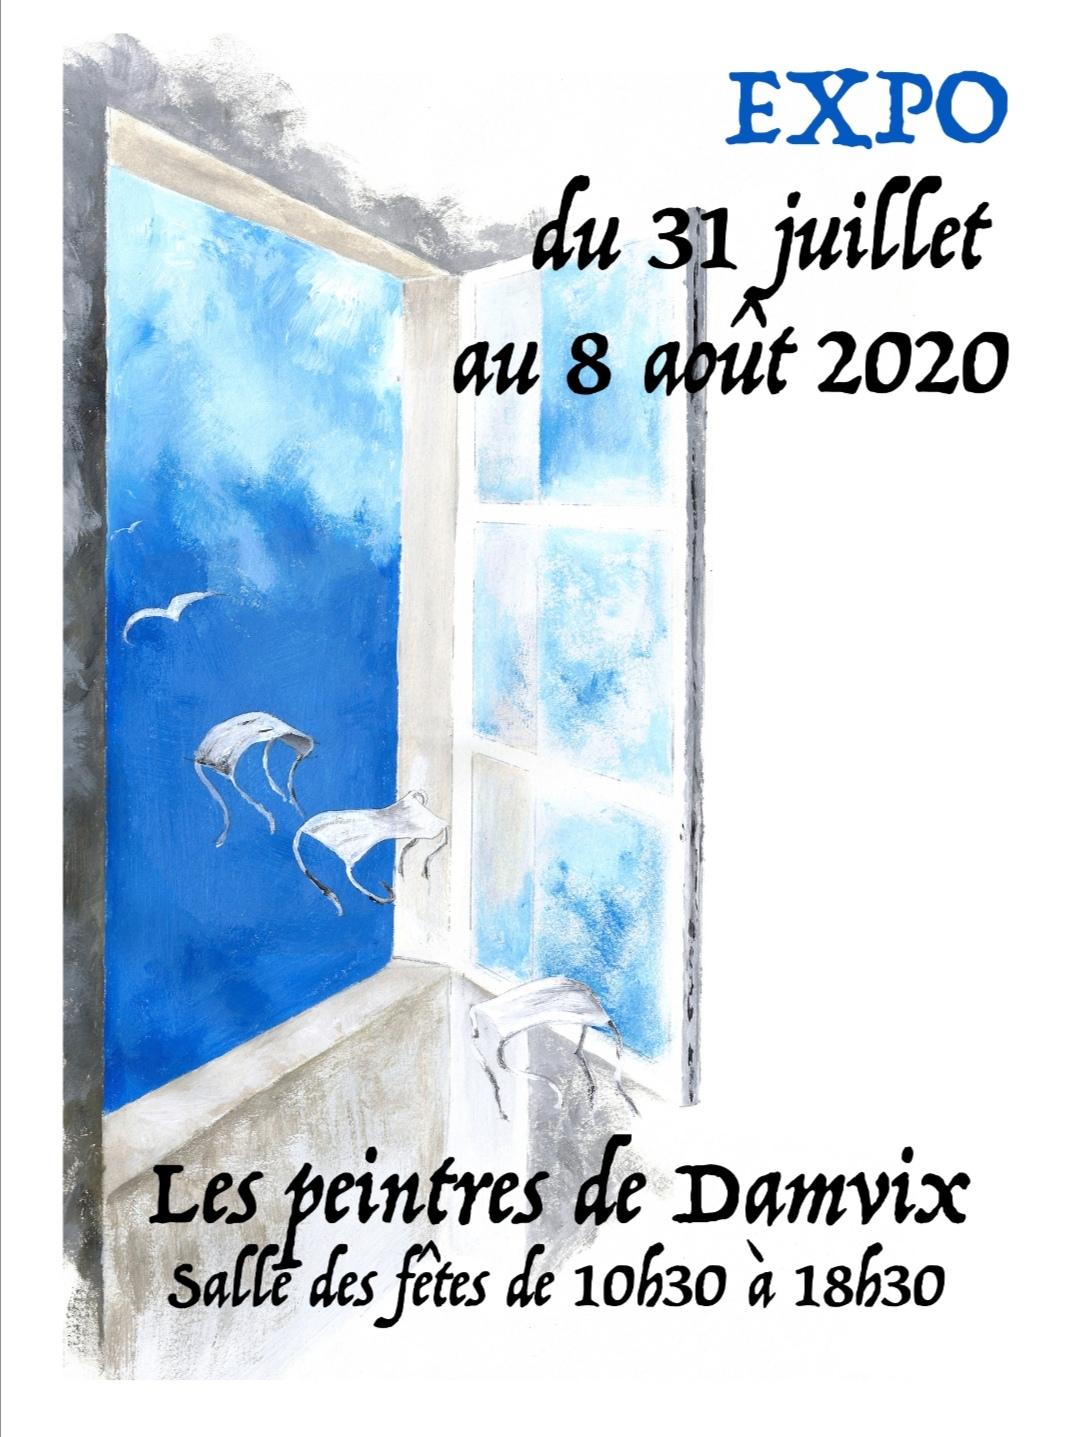 AfficheExpoDamvix2020